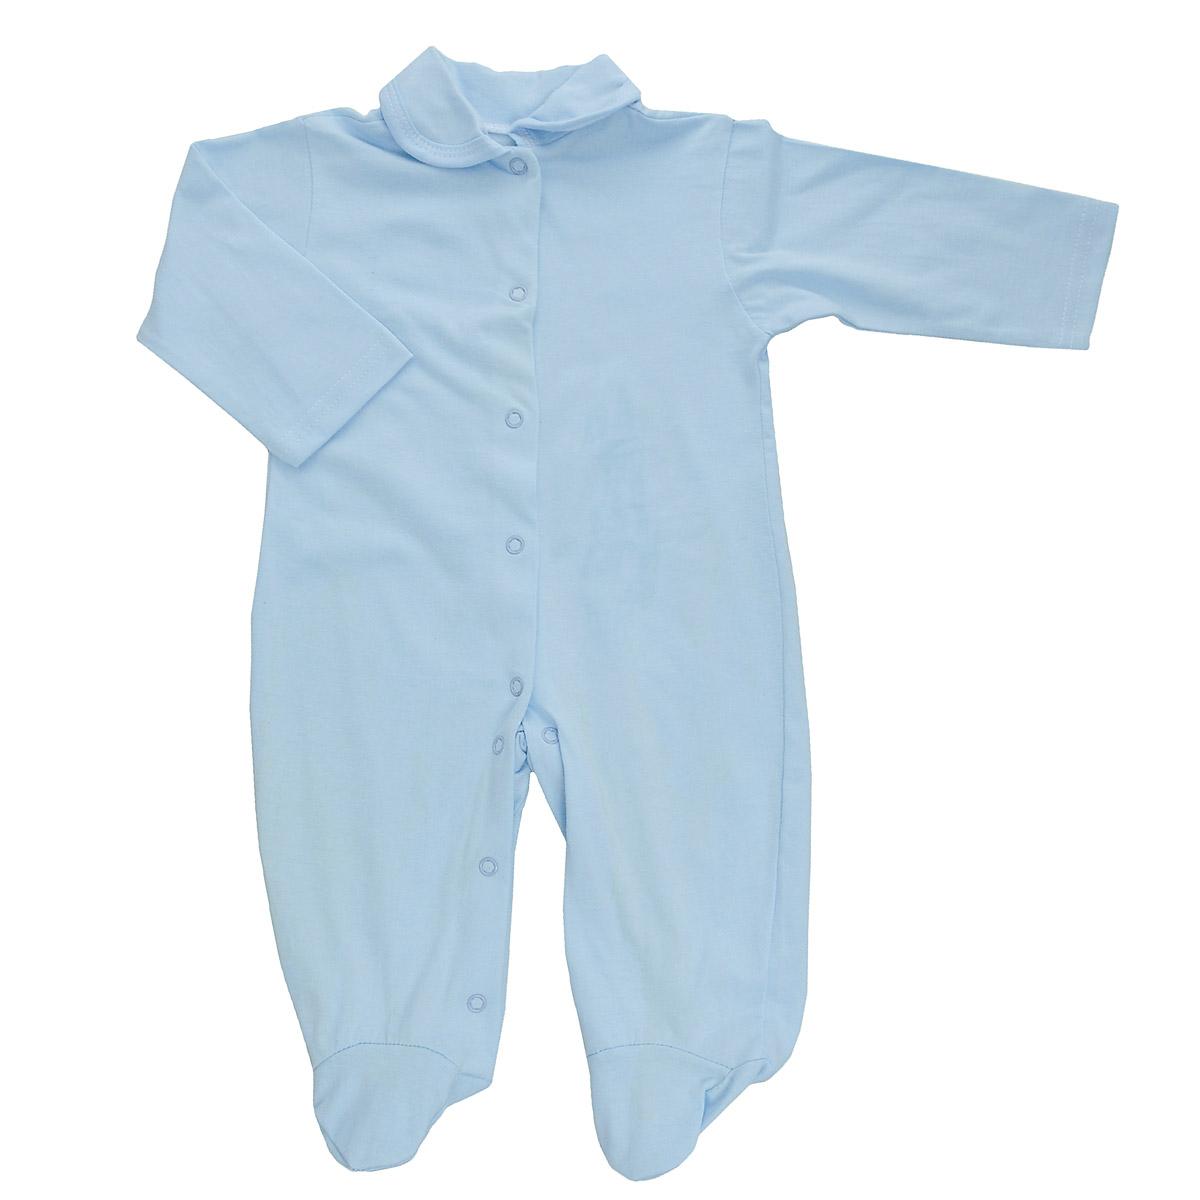 Комбинезон детский Трон-Плюс, цвет: голубой. 5805. Размер 80, 12 месяцев5805Детский комбинезон Трон-Плюс - очень удобный и практичный вид одежды для малышей. Комбинезон выполнен из кулирного полотна - натурального хлопка, благодаря чему он необычайно мягкий и приятный на ощупь, не раздражает нежную кожу ребенка, и хорошо вентилируются, а эластичные швы приятны телу малыша и не препятствуют его движениям. Комбинезон с длинными рукавами, закрытыми ножками и отложным воротничком имеет застежки-кнопки от горловины до щиколоток, которые помогают легко переодеть младенца или сменить подгузник. С детским комбинезоном спинка и ножки вашего малыша всегда будут в тепле, он идеален для использования днем и незаменим ночью. Комбинезон полностью соответствует особенностям жизни младенца в ранний период, не стесняя и не ограничивая его в движениях!